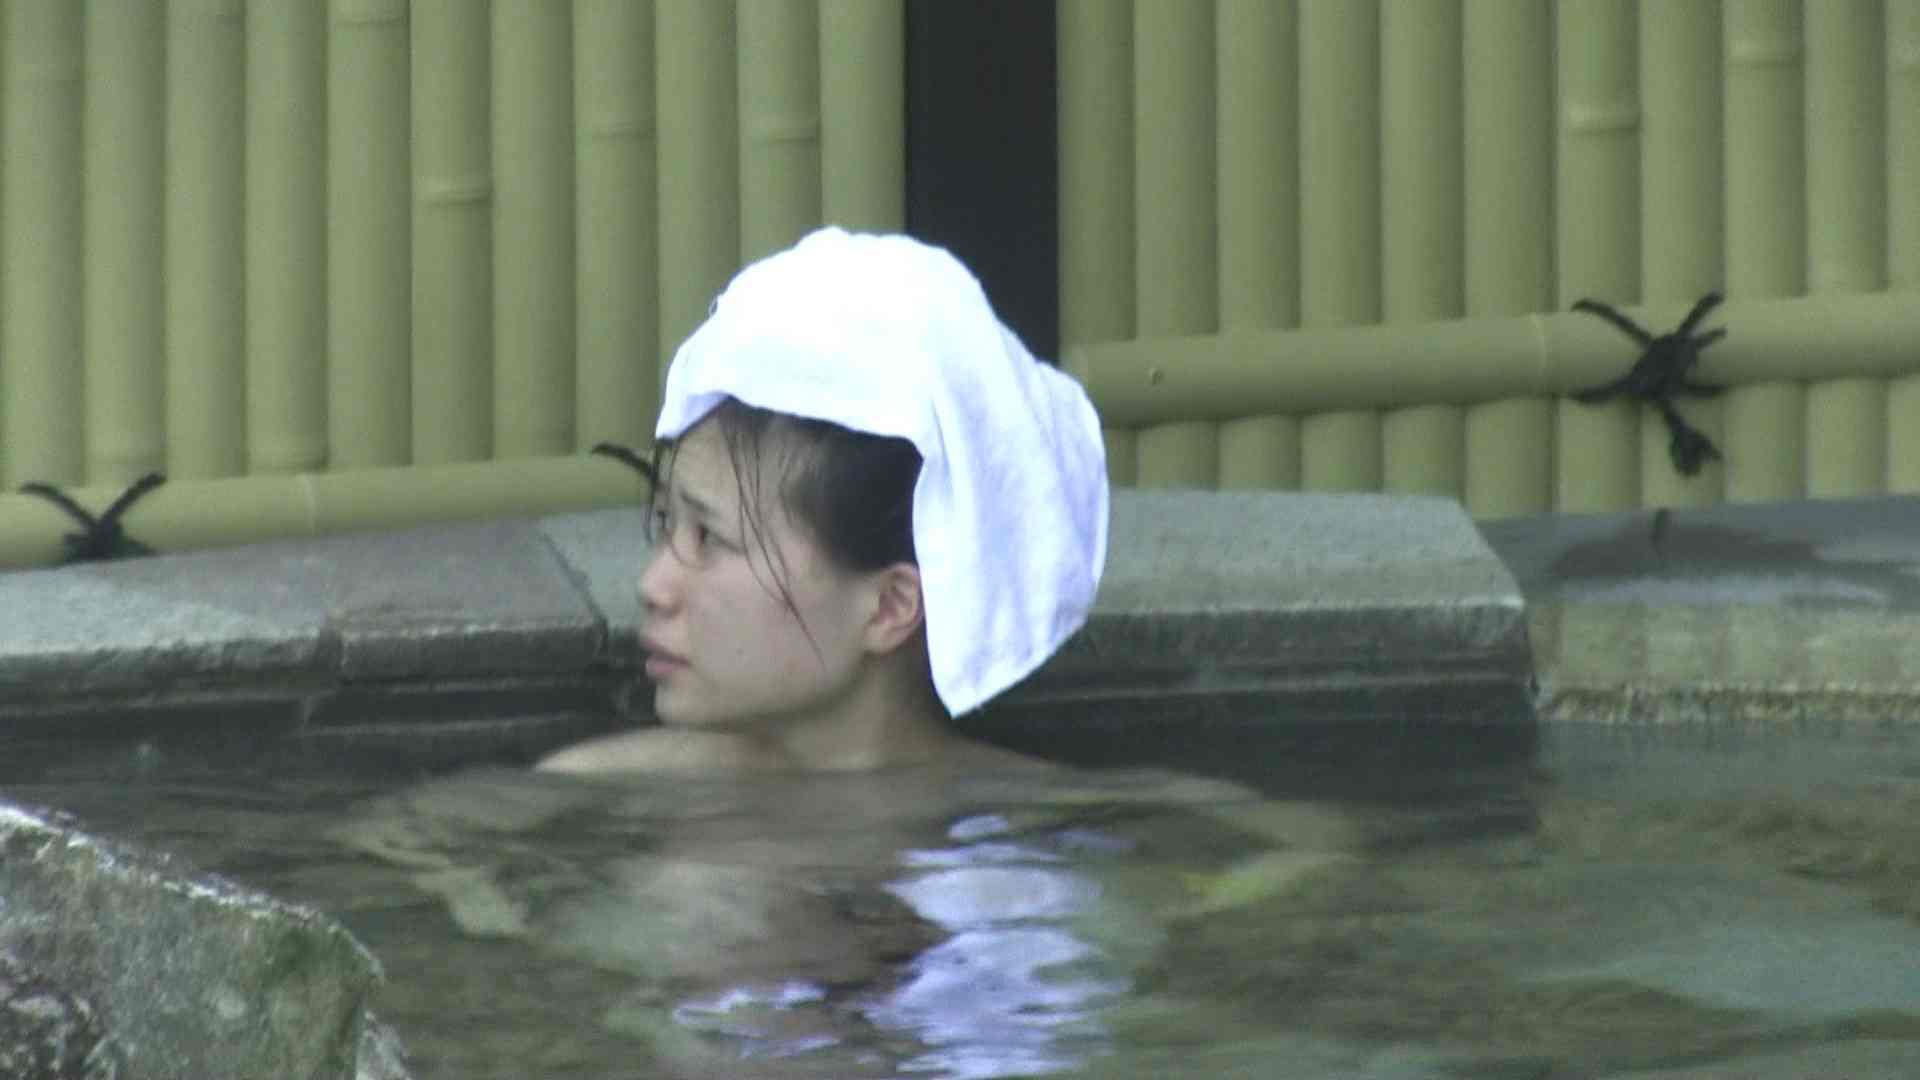 Aquaな露天風呂Vol.183 盗撮  69画像 39